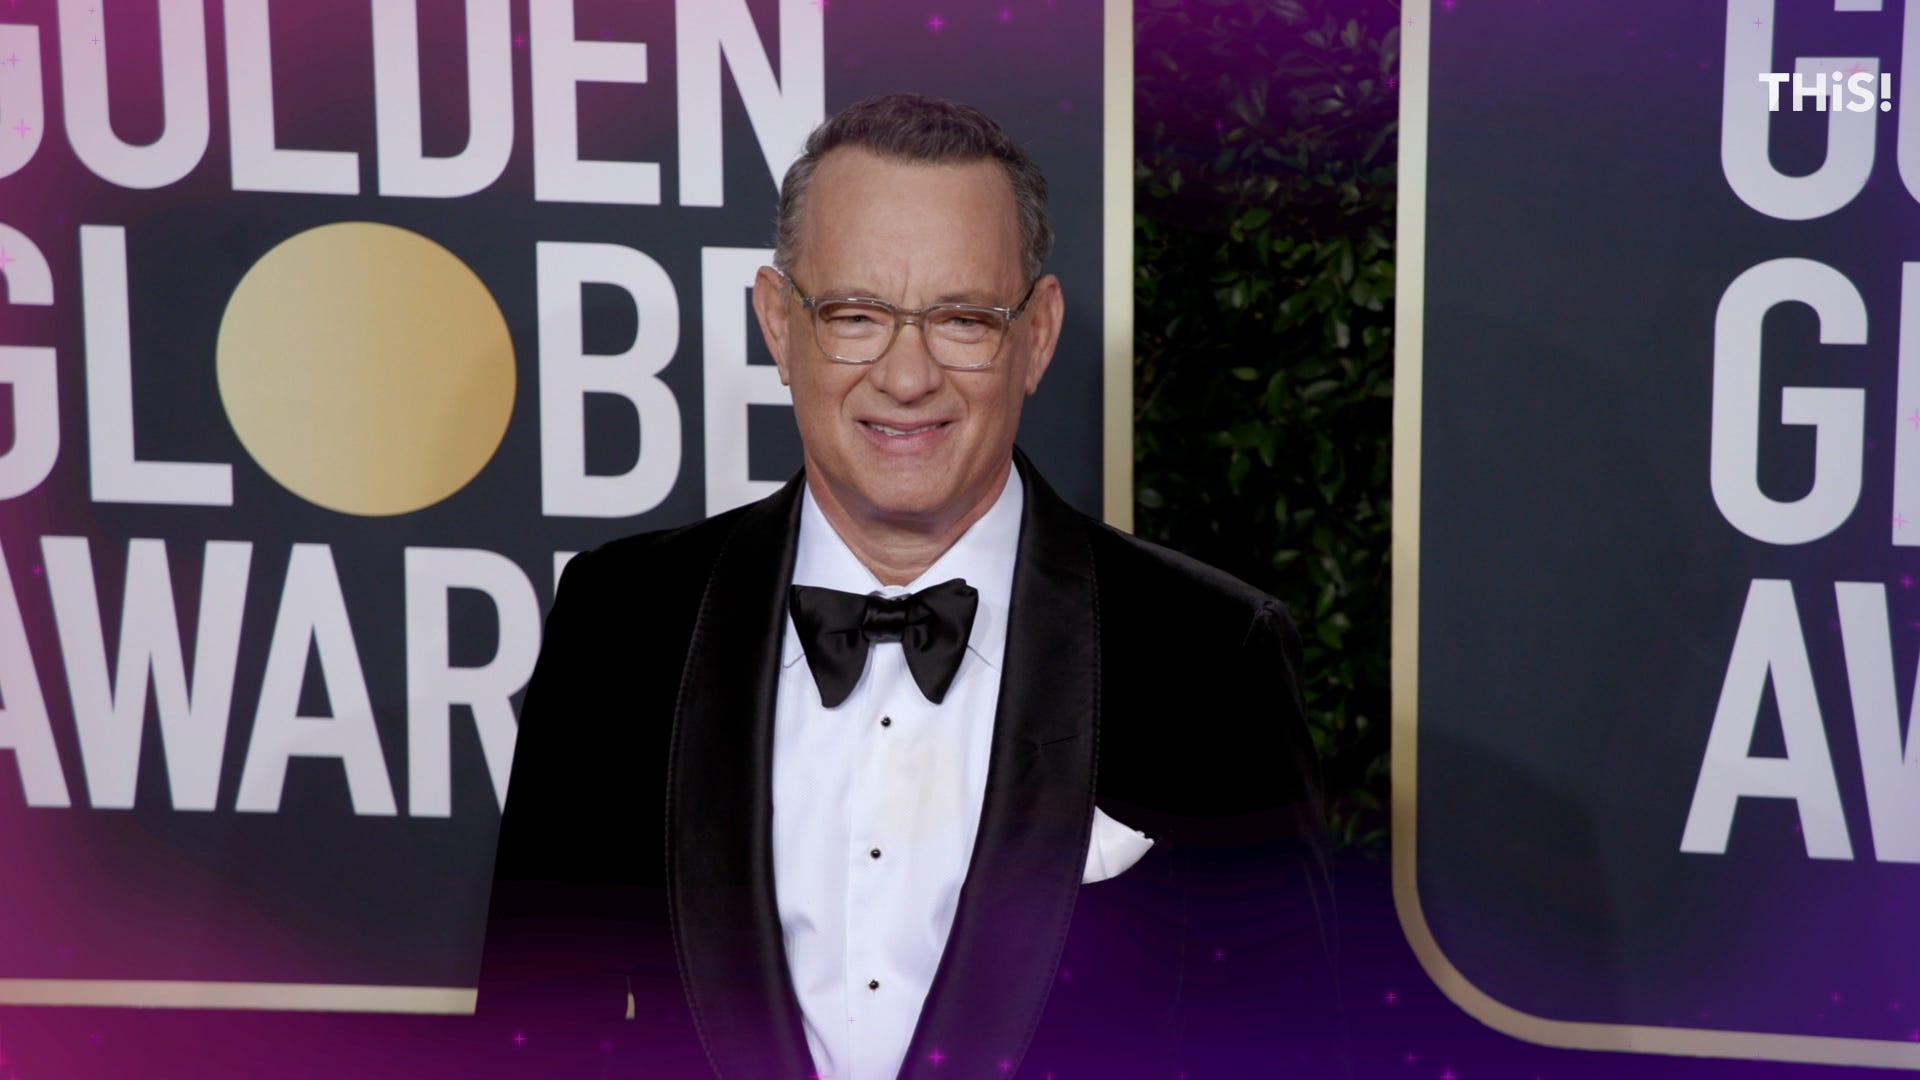 Tom Hanks, Spike Lee's 'Da 5 Bloods' snubbed in Golden Globes nominations